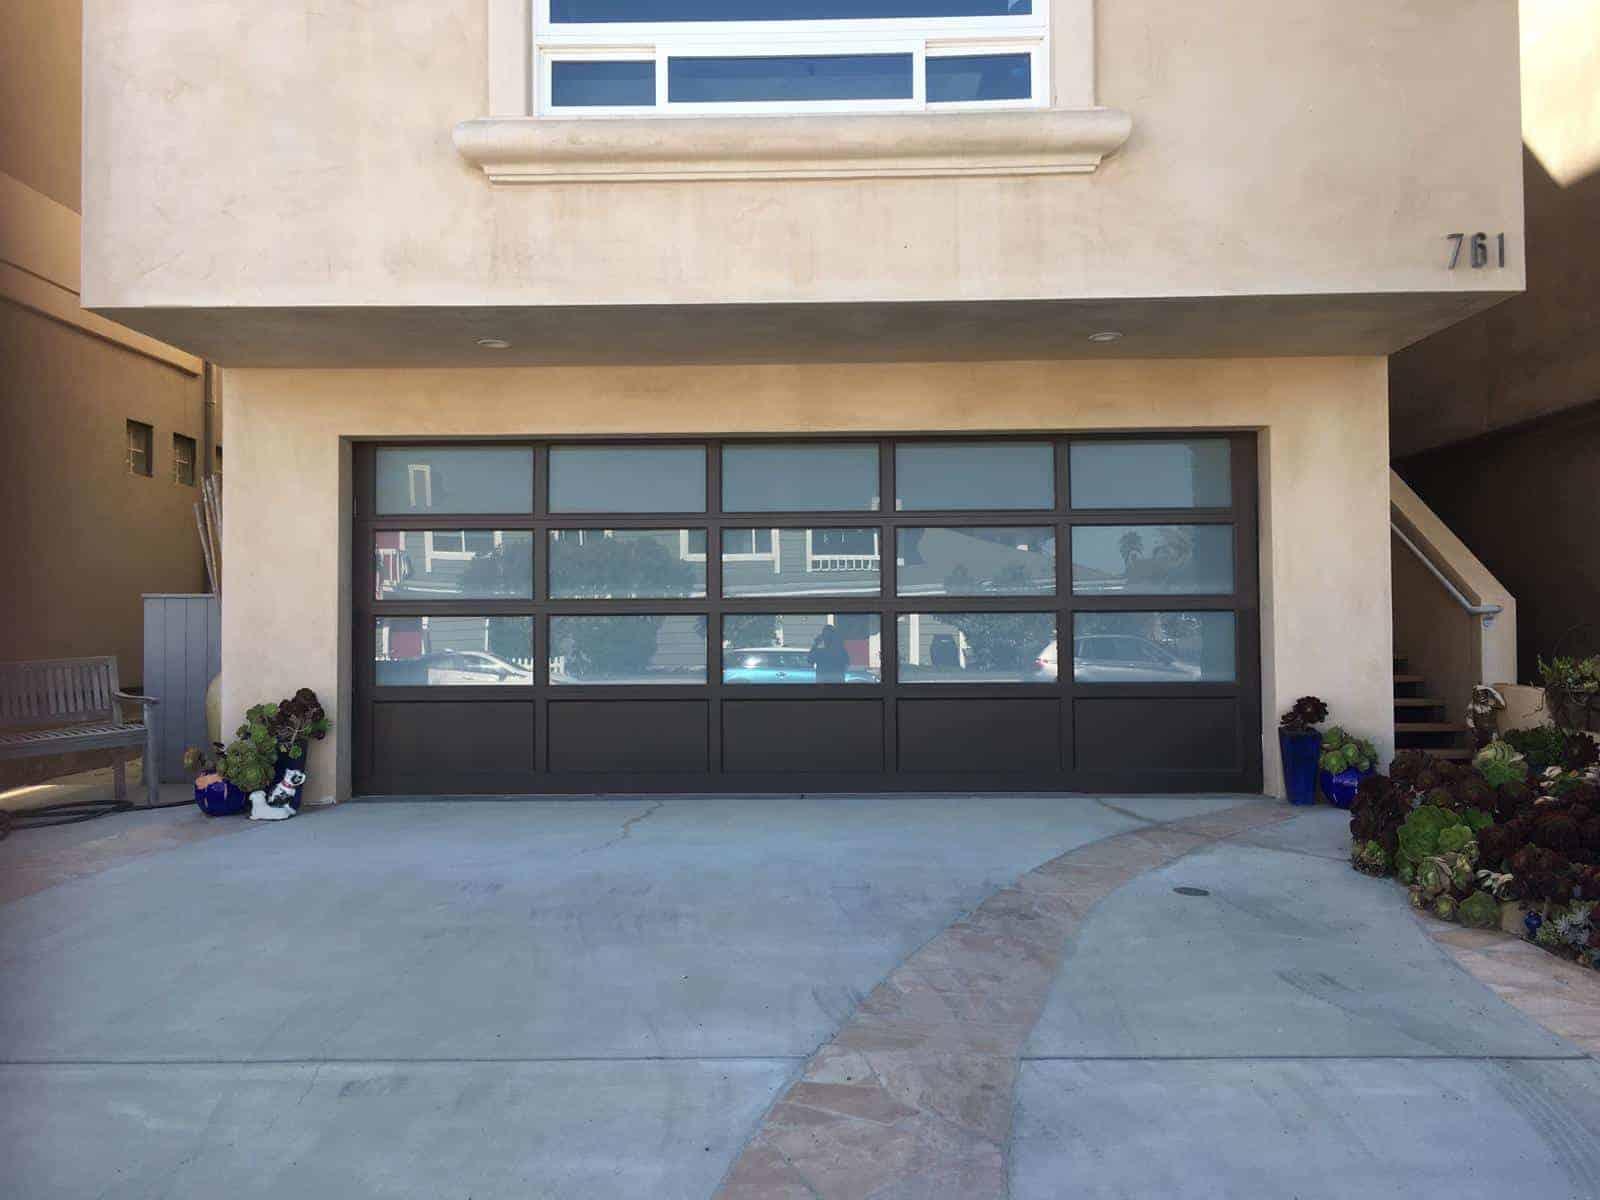 Panorama City CA Garage Door Repair & Replacement